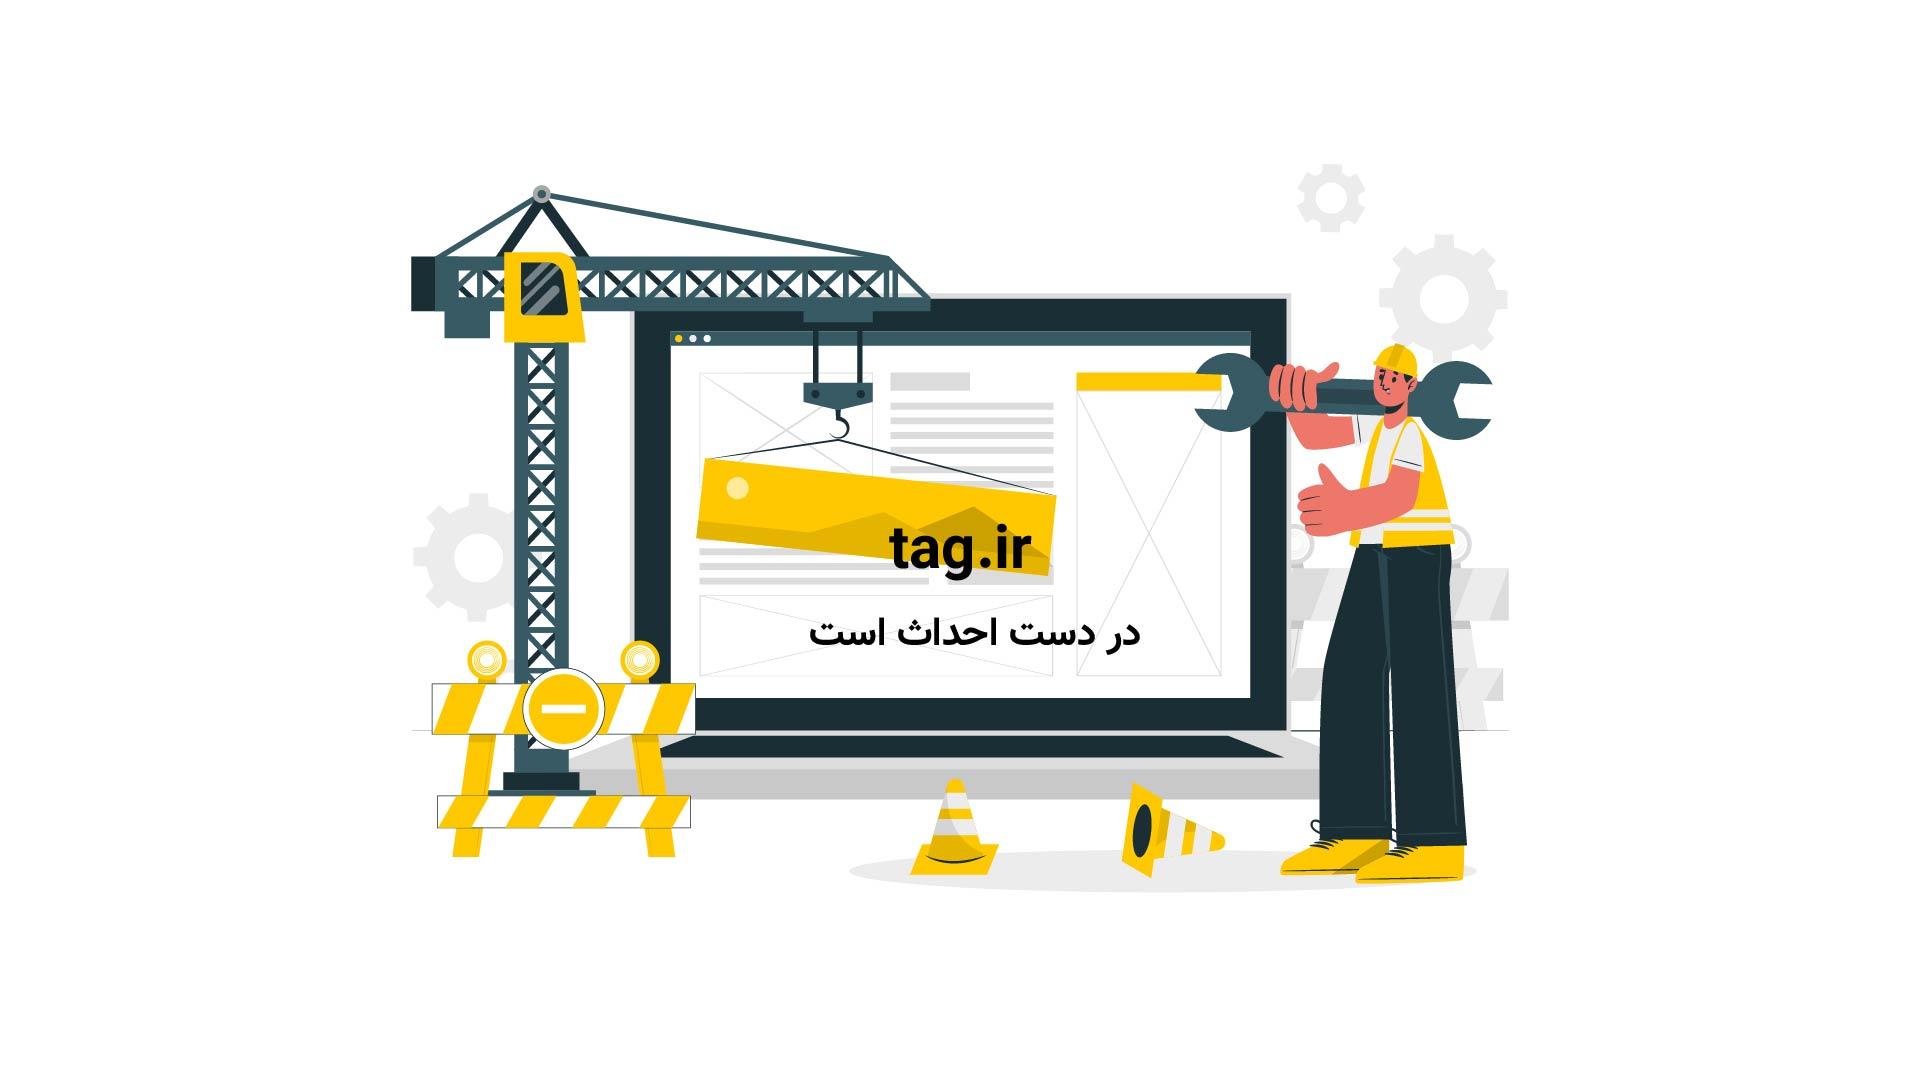 بازی نهنگ آبی | تگ